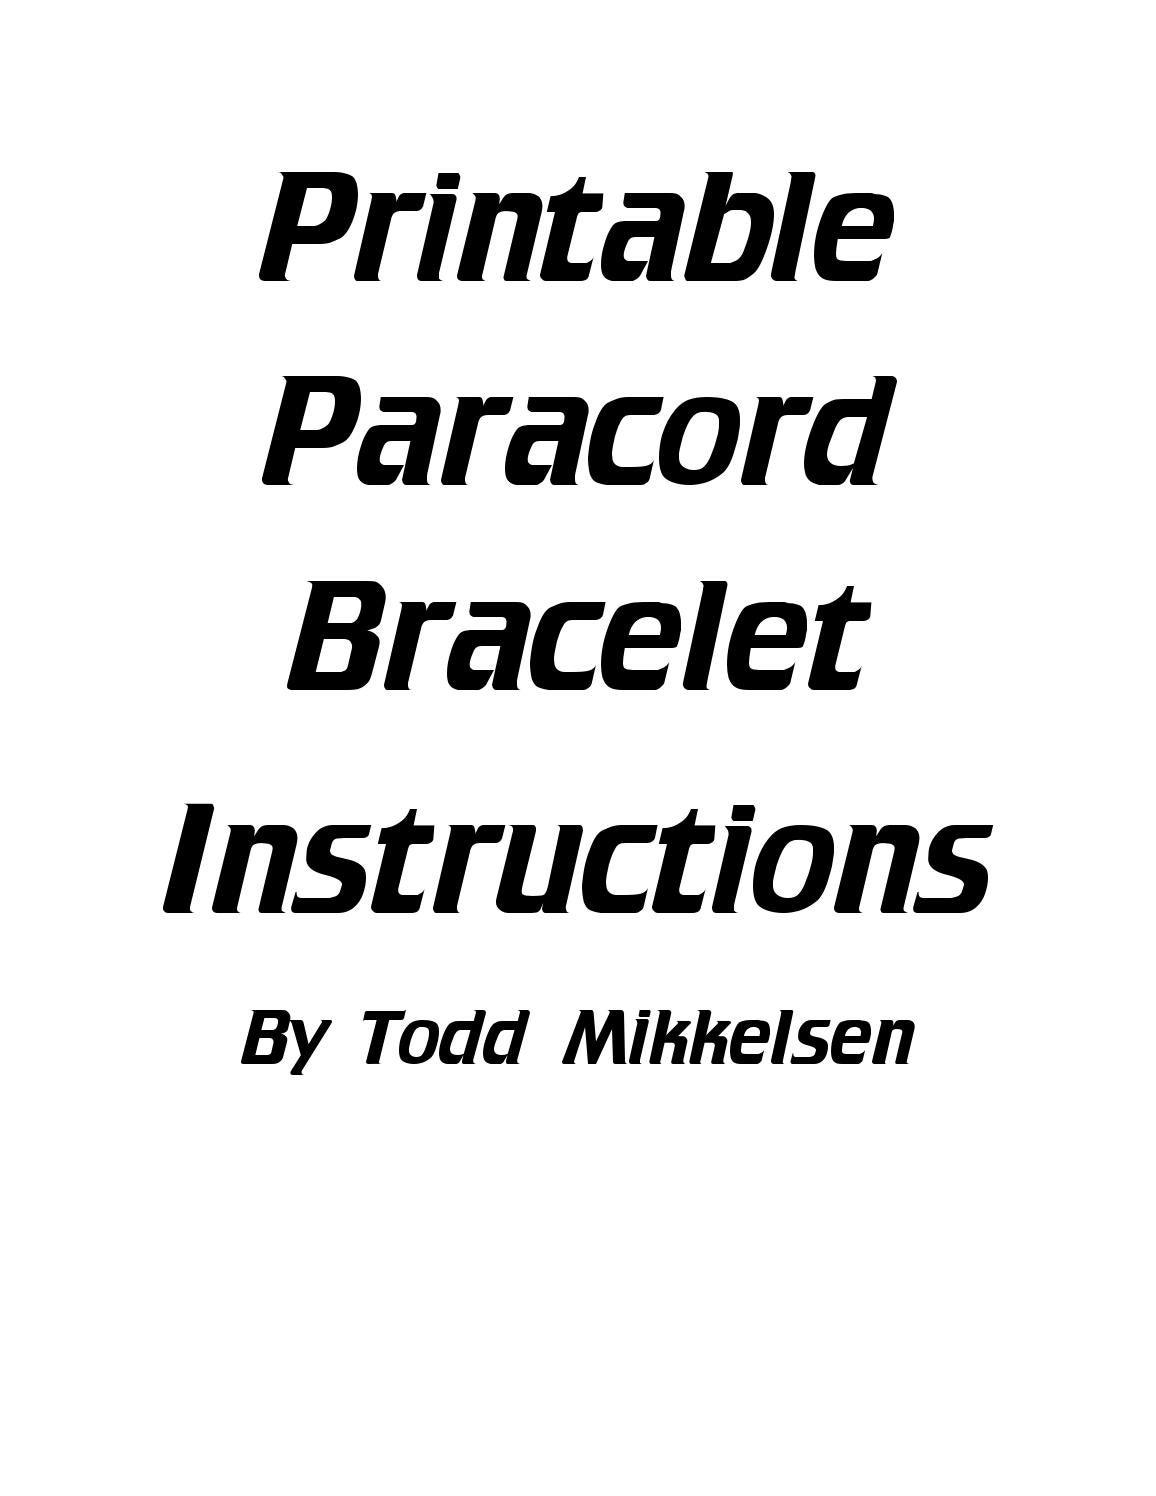 paracord bracelet instructions book pdf